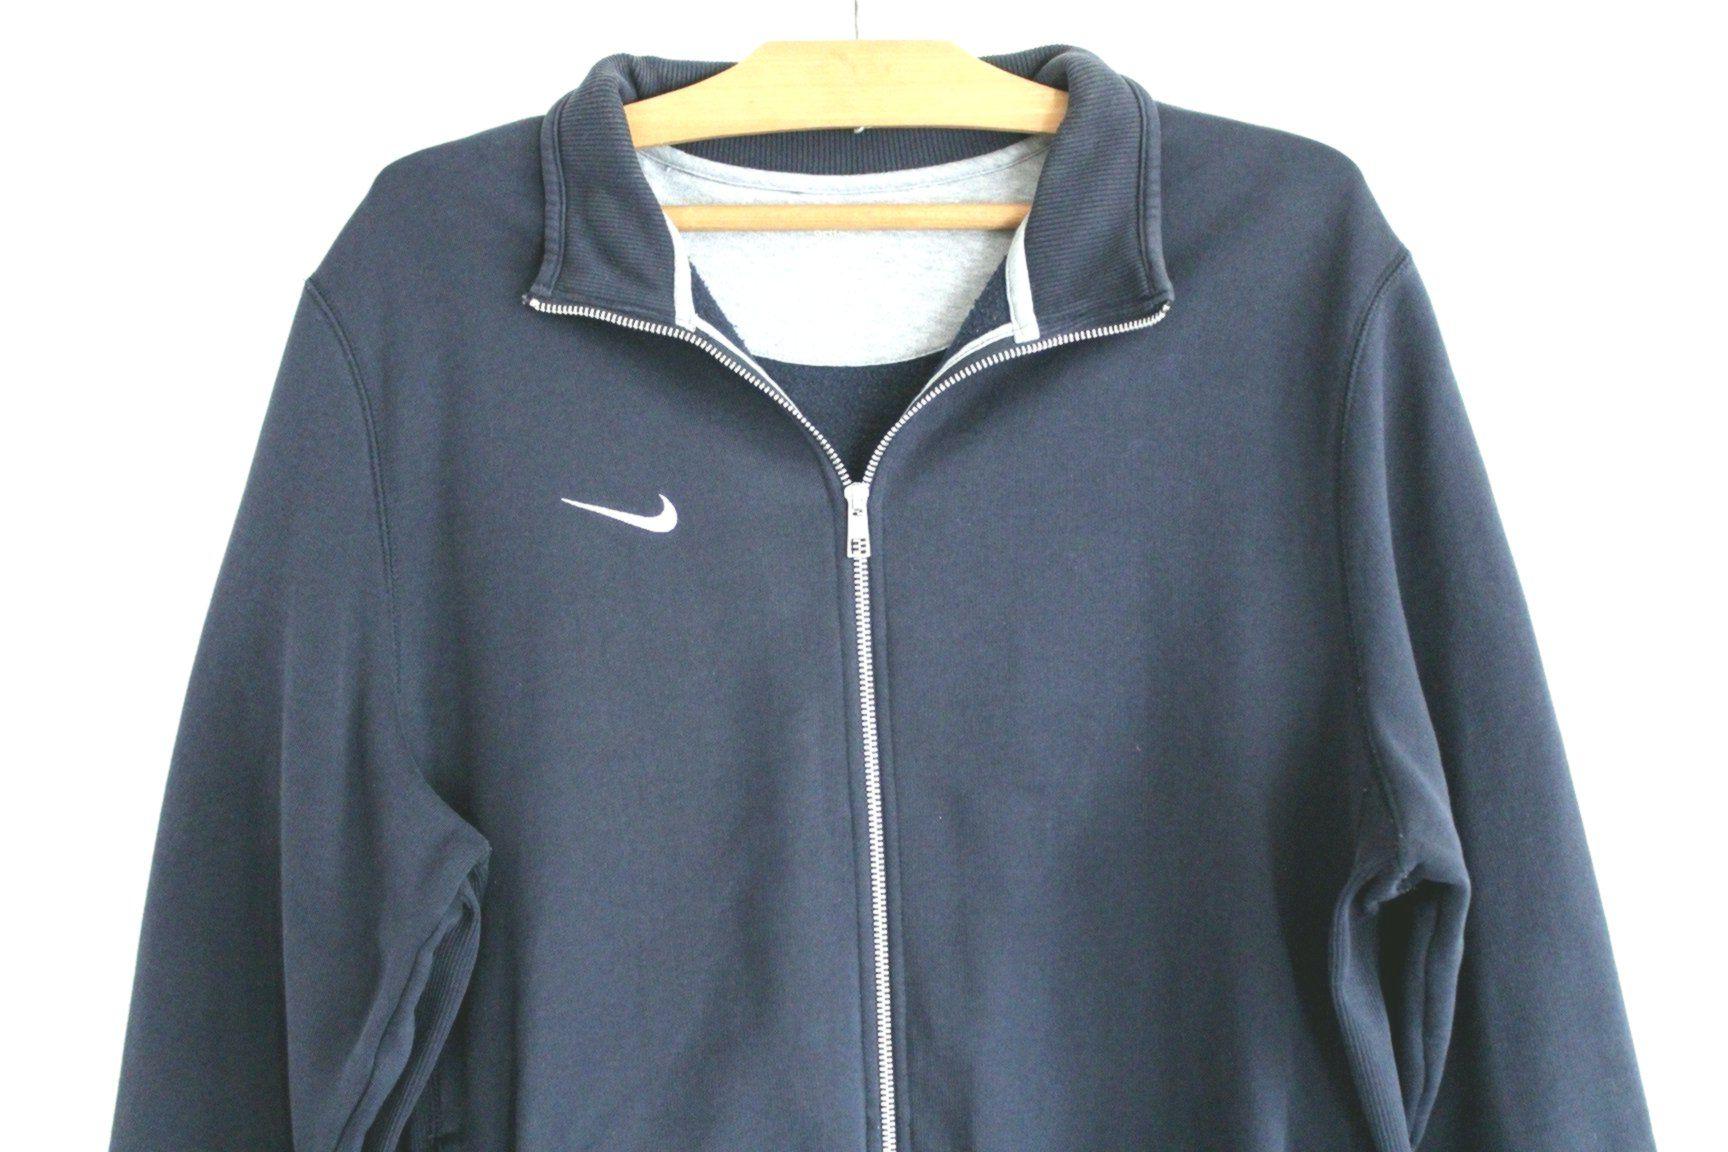 90s Nike Sweatshirt Vintage Jacket Blue Hip Hop Streetwear Zipped Jumper Nike Tennis Sport Running Sweater Size [ 1152 x 1728 Pixel ]